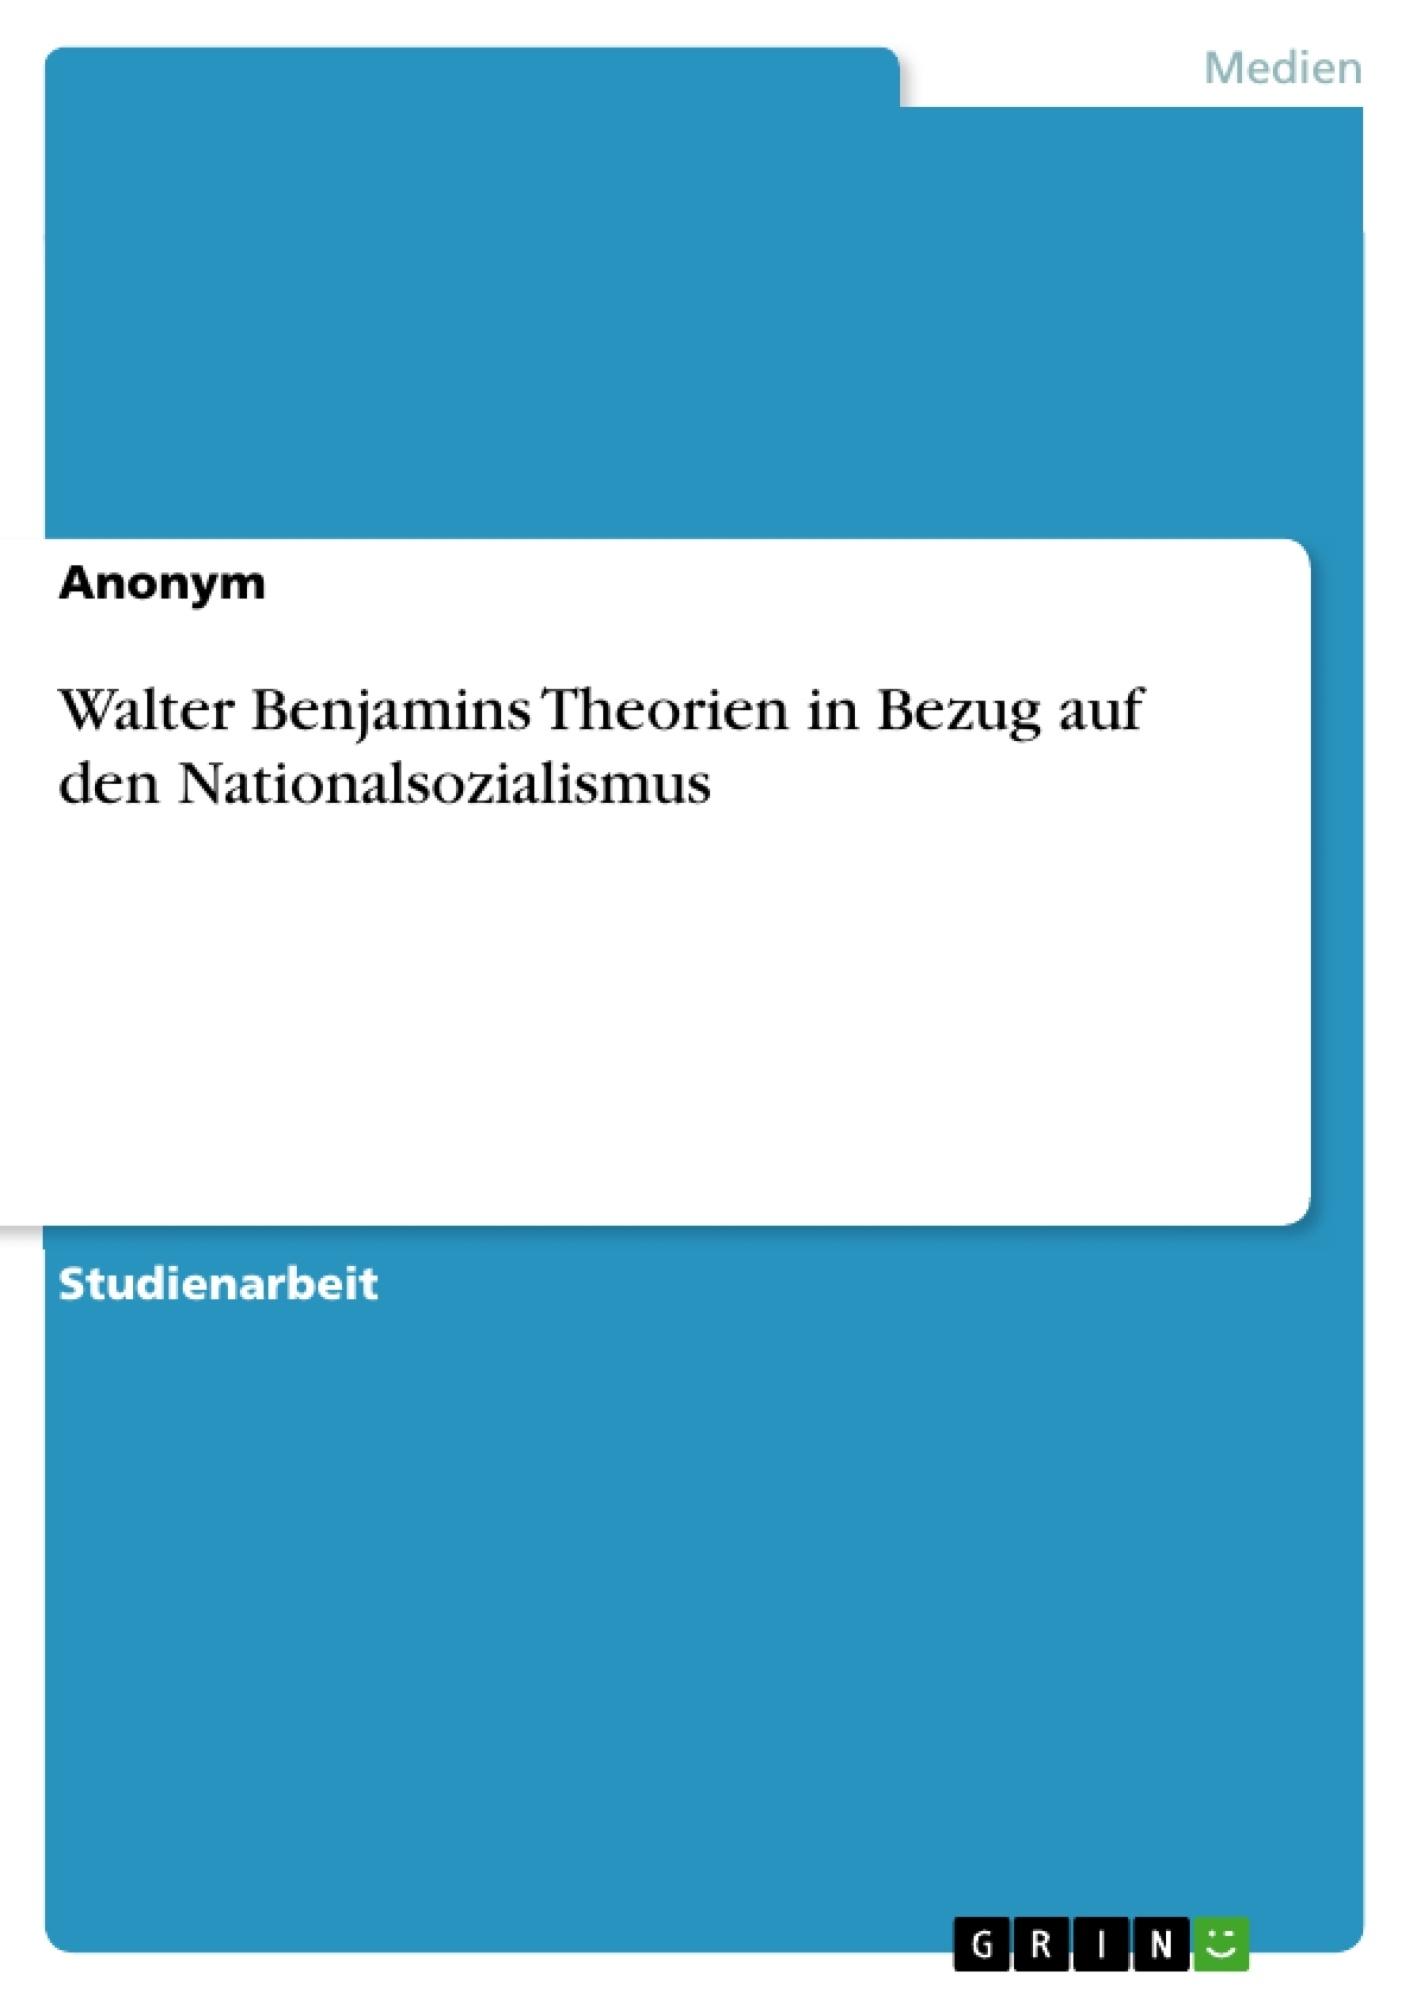 Titel: Walter Benjamins Theorien in Bezug auf den Nationalsozialismus